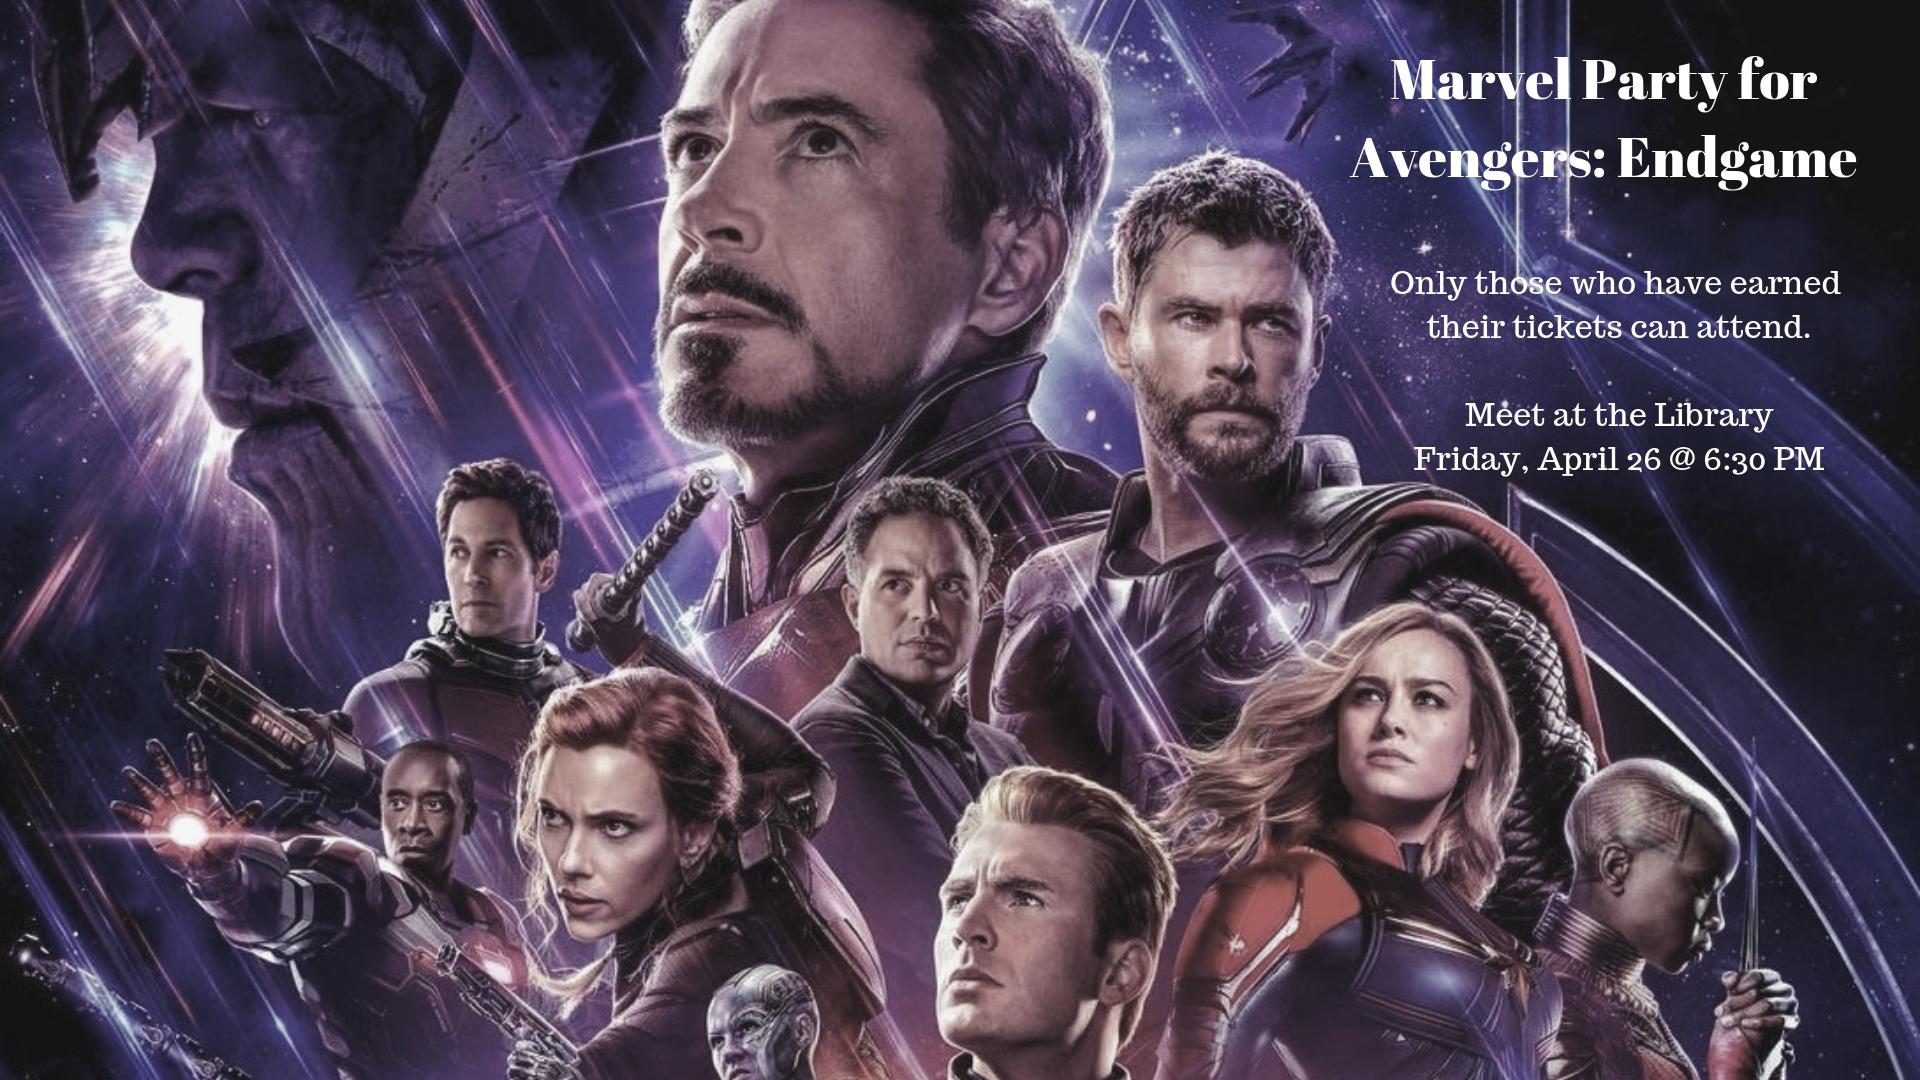 Marvel Party - Avengers: Endgame